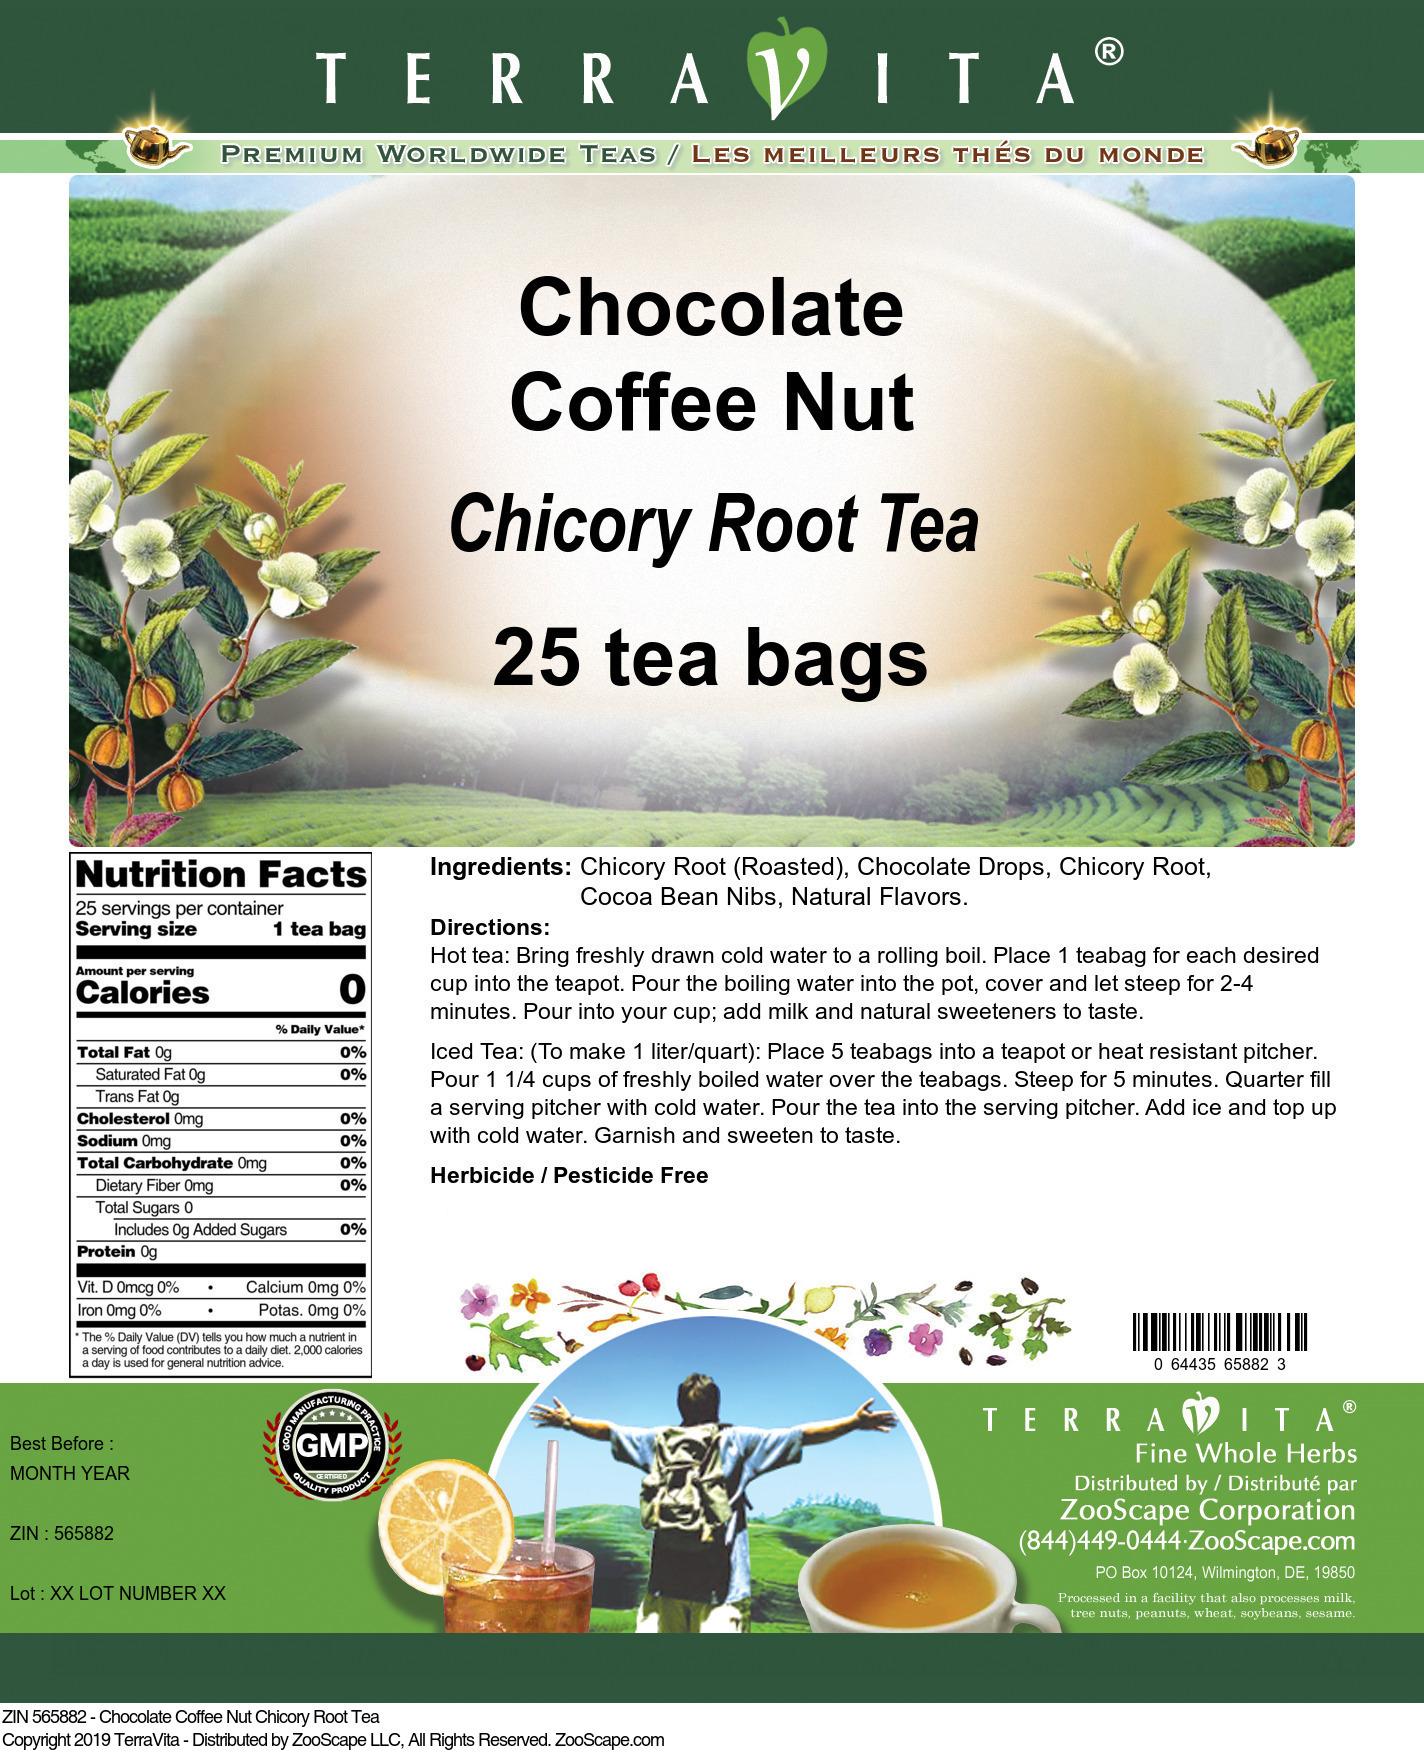 Chocolate Coffee Nut Chicory Root Tea